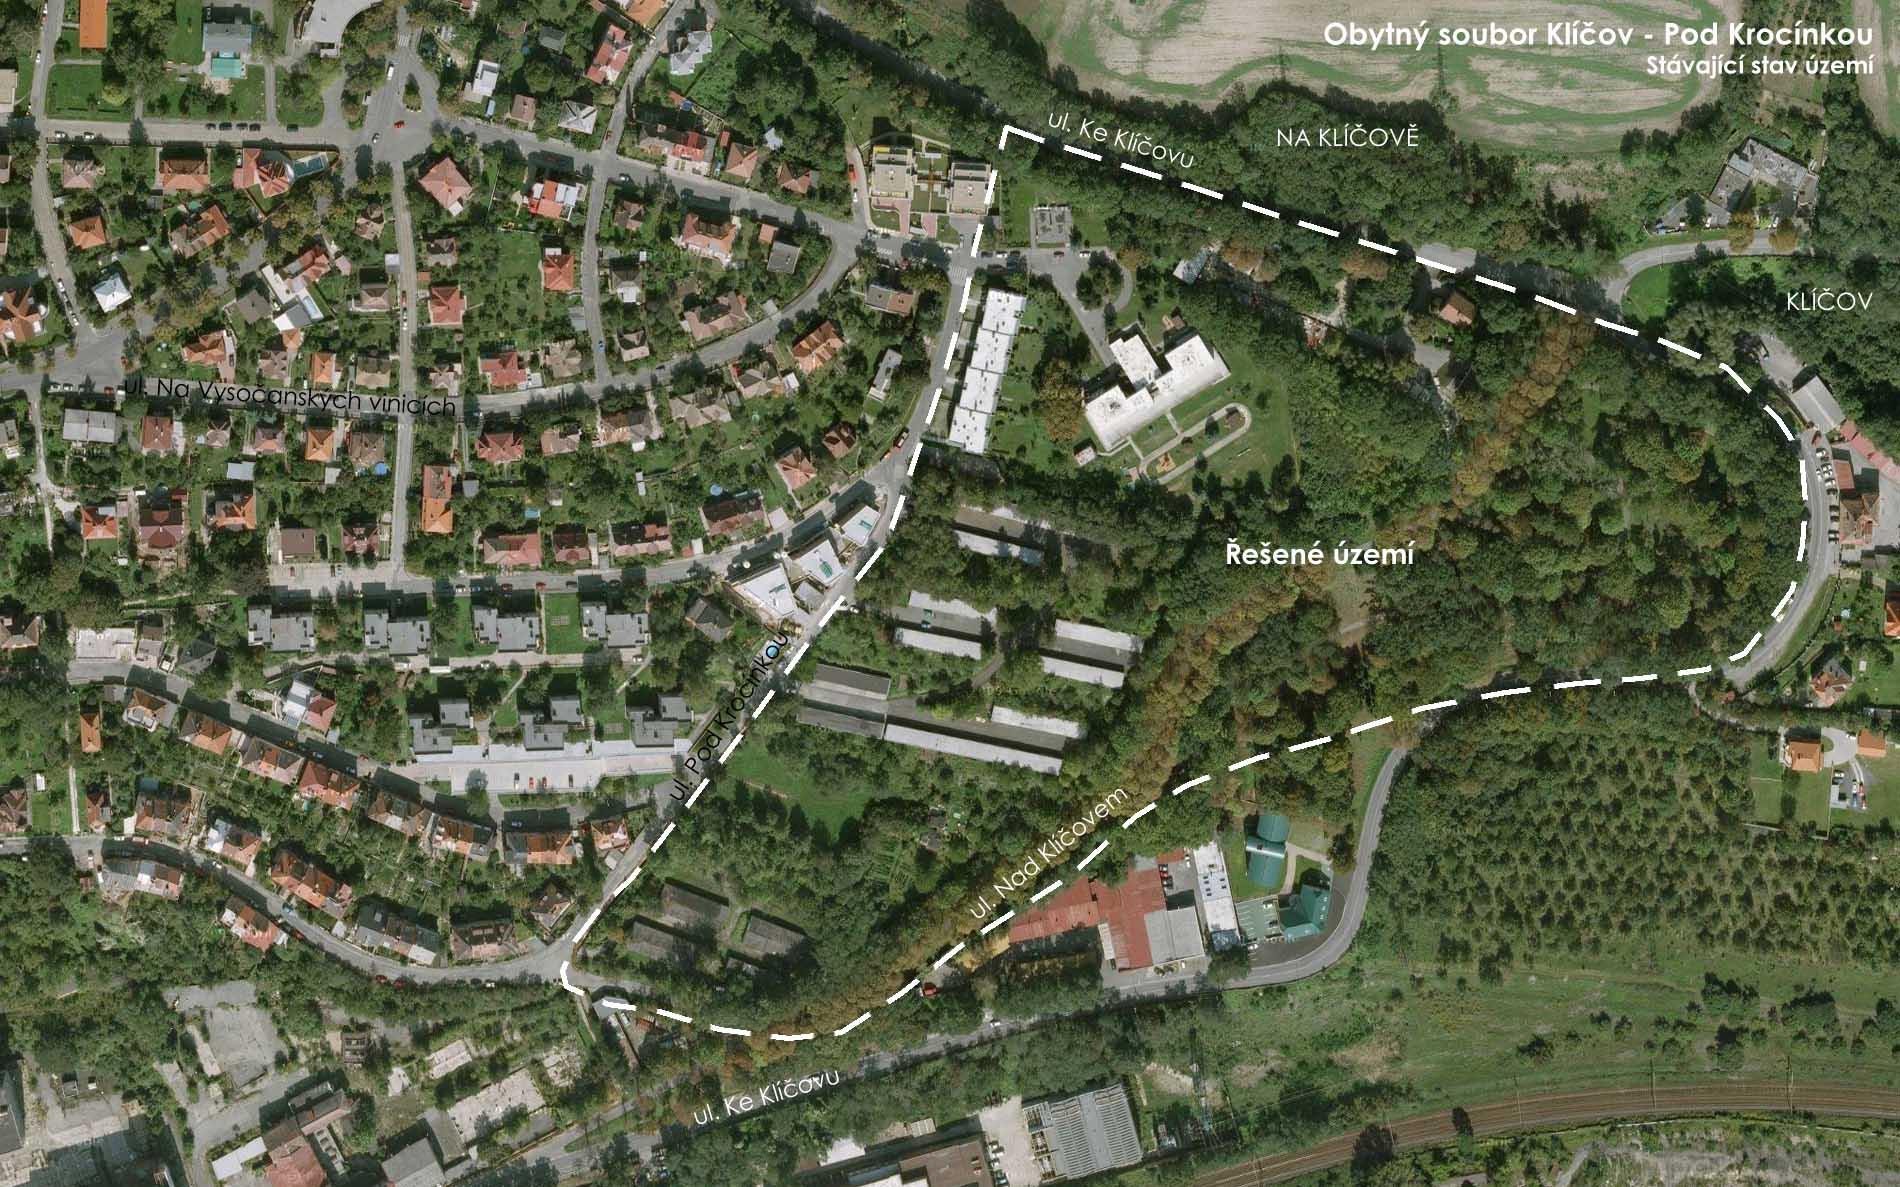 Urbanistická studie klíčovského svahu